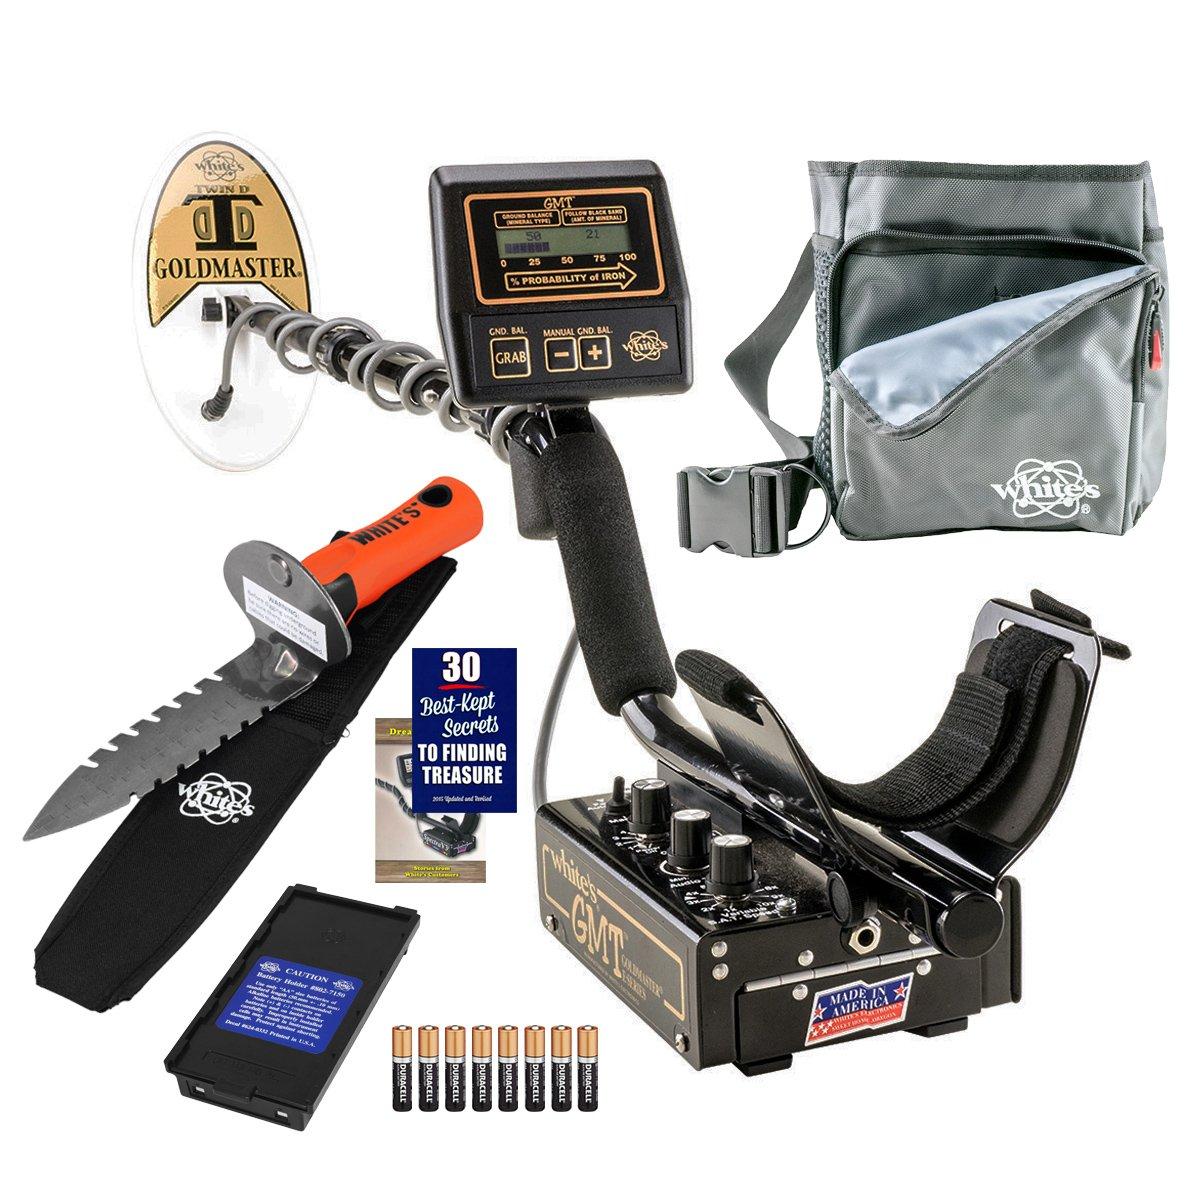 Detector de metales Whites GMT excavadoras especial con digmaster y bolsa de utilidad: Amazon.es: Jardín